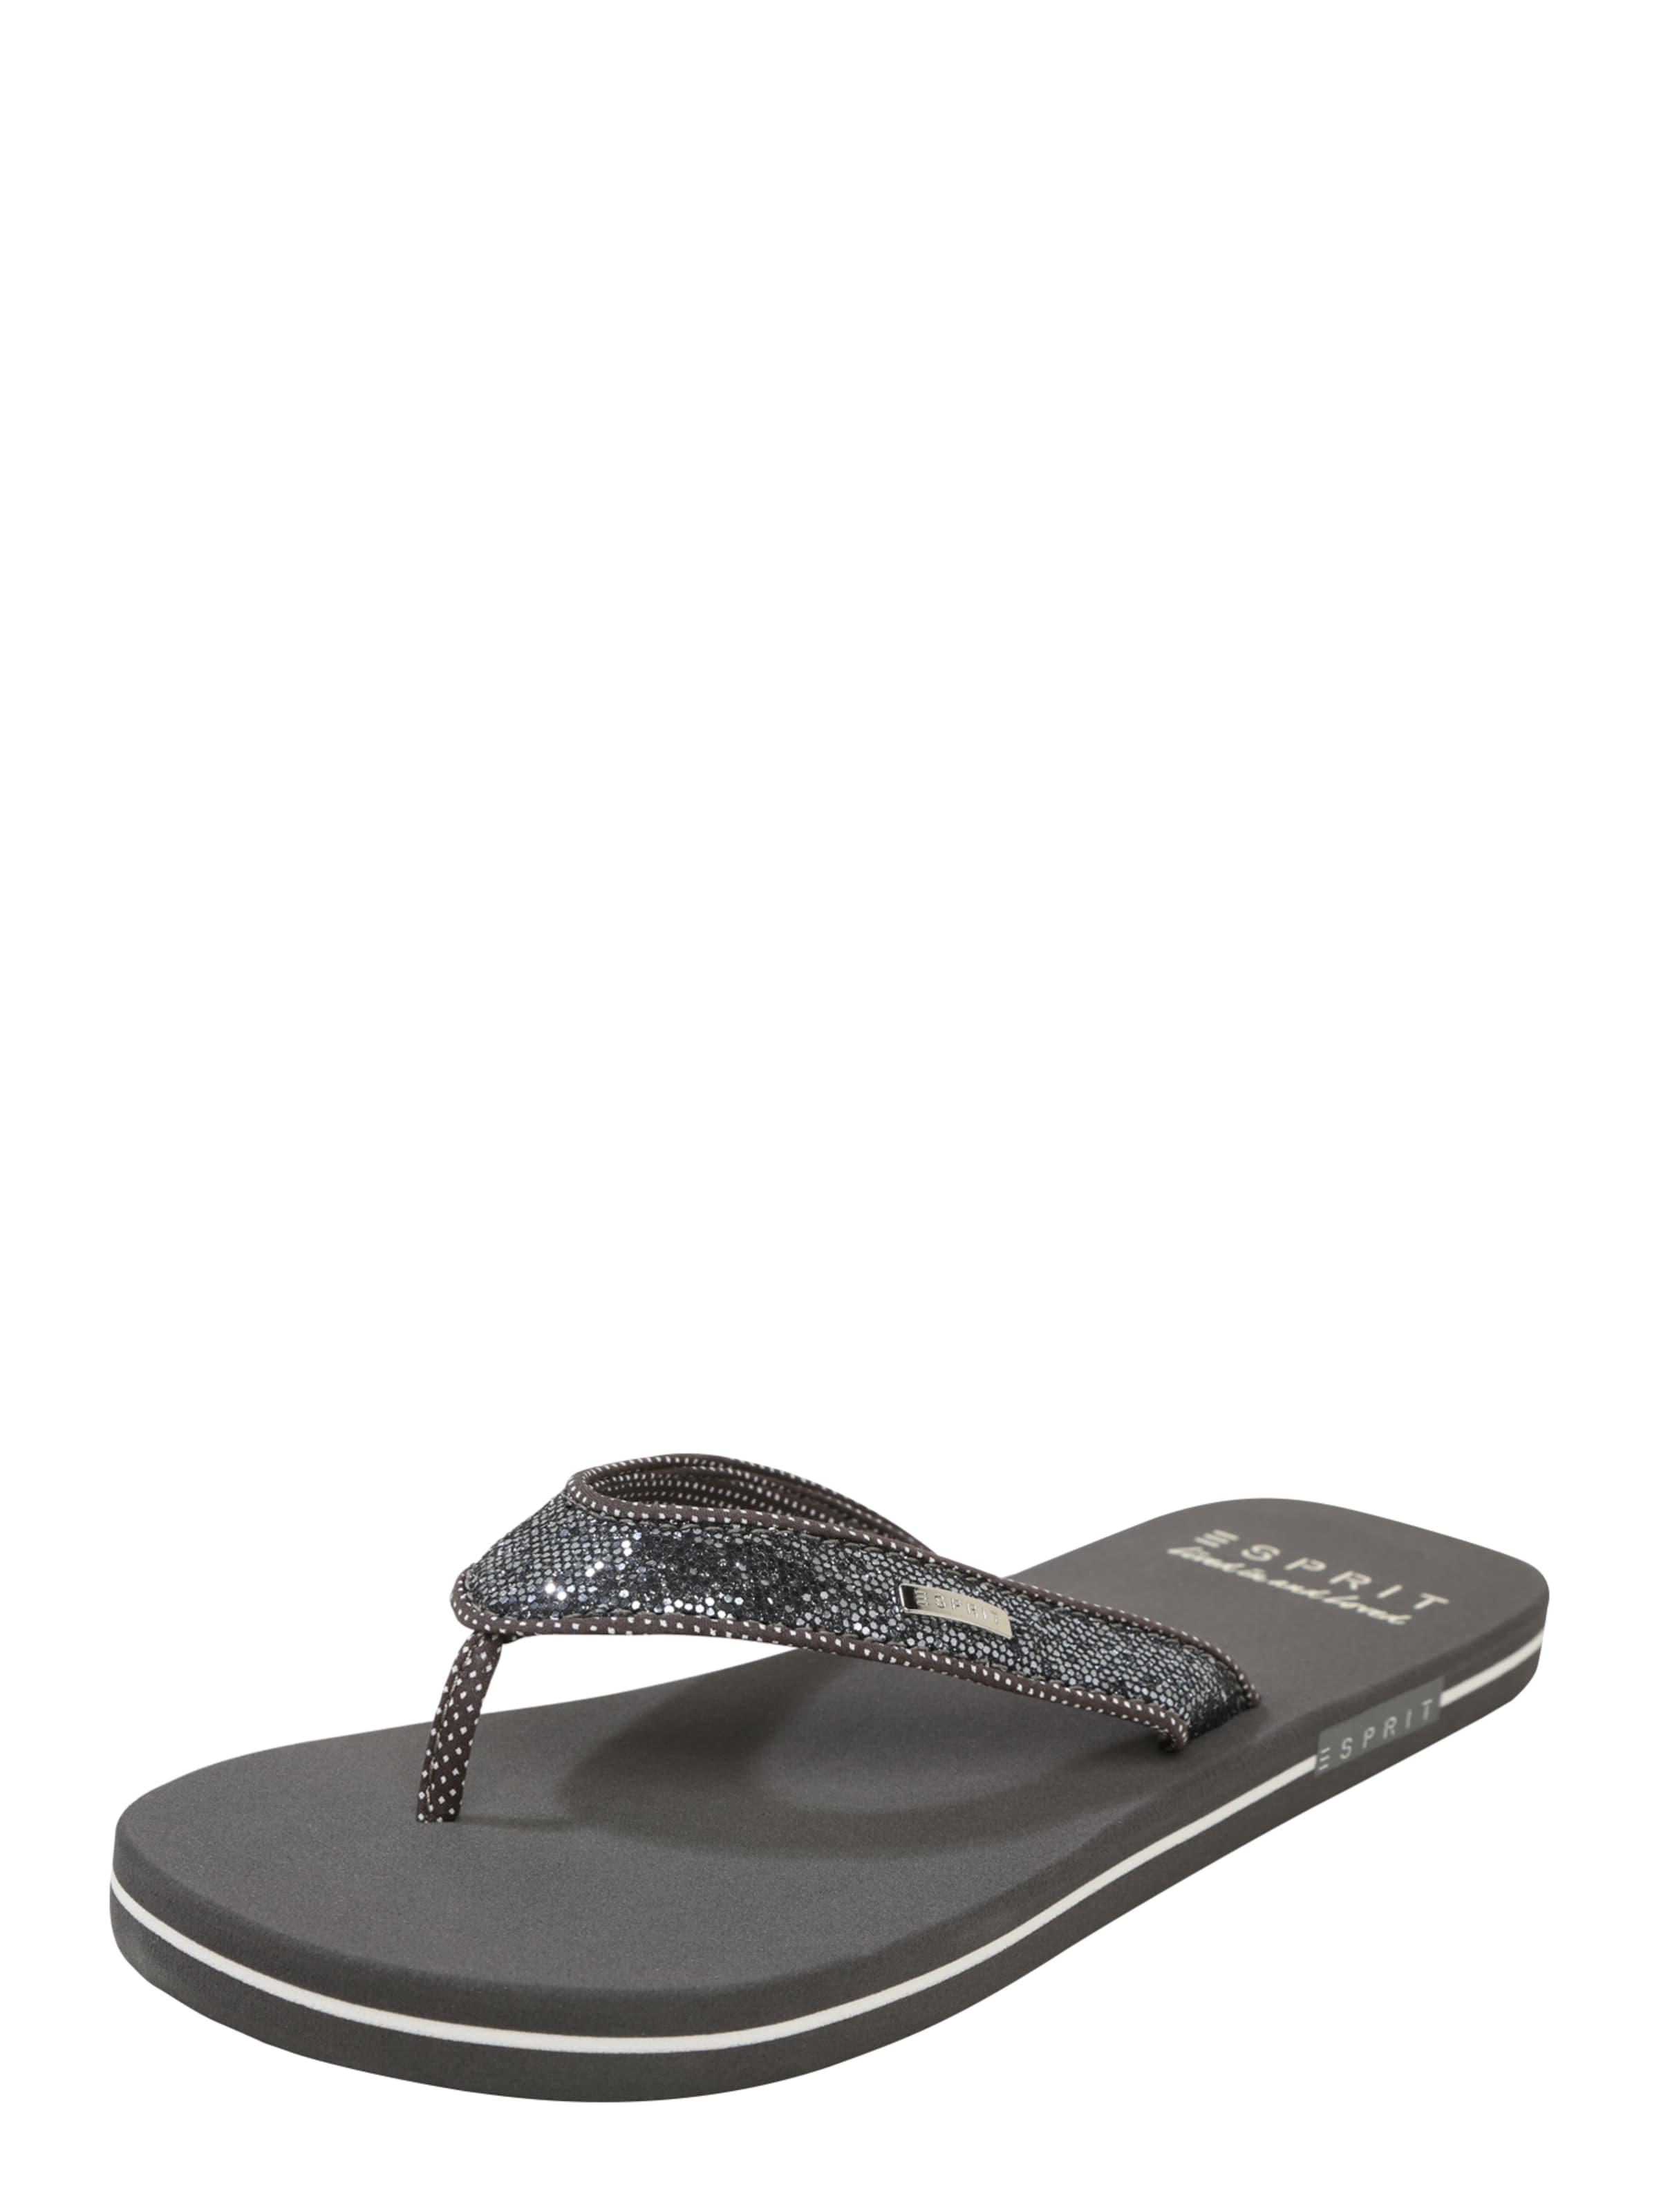 ESPRIT Zehentrenner Glitter Verschleißfeste billige Schuhe